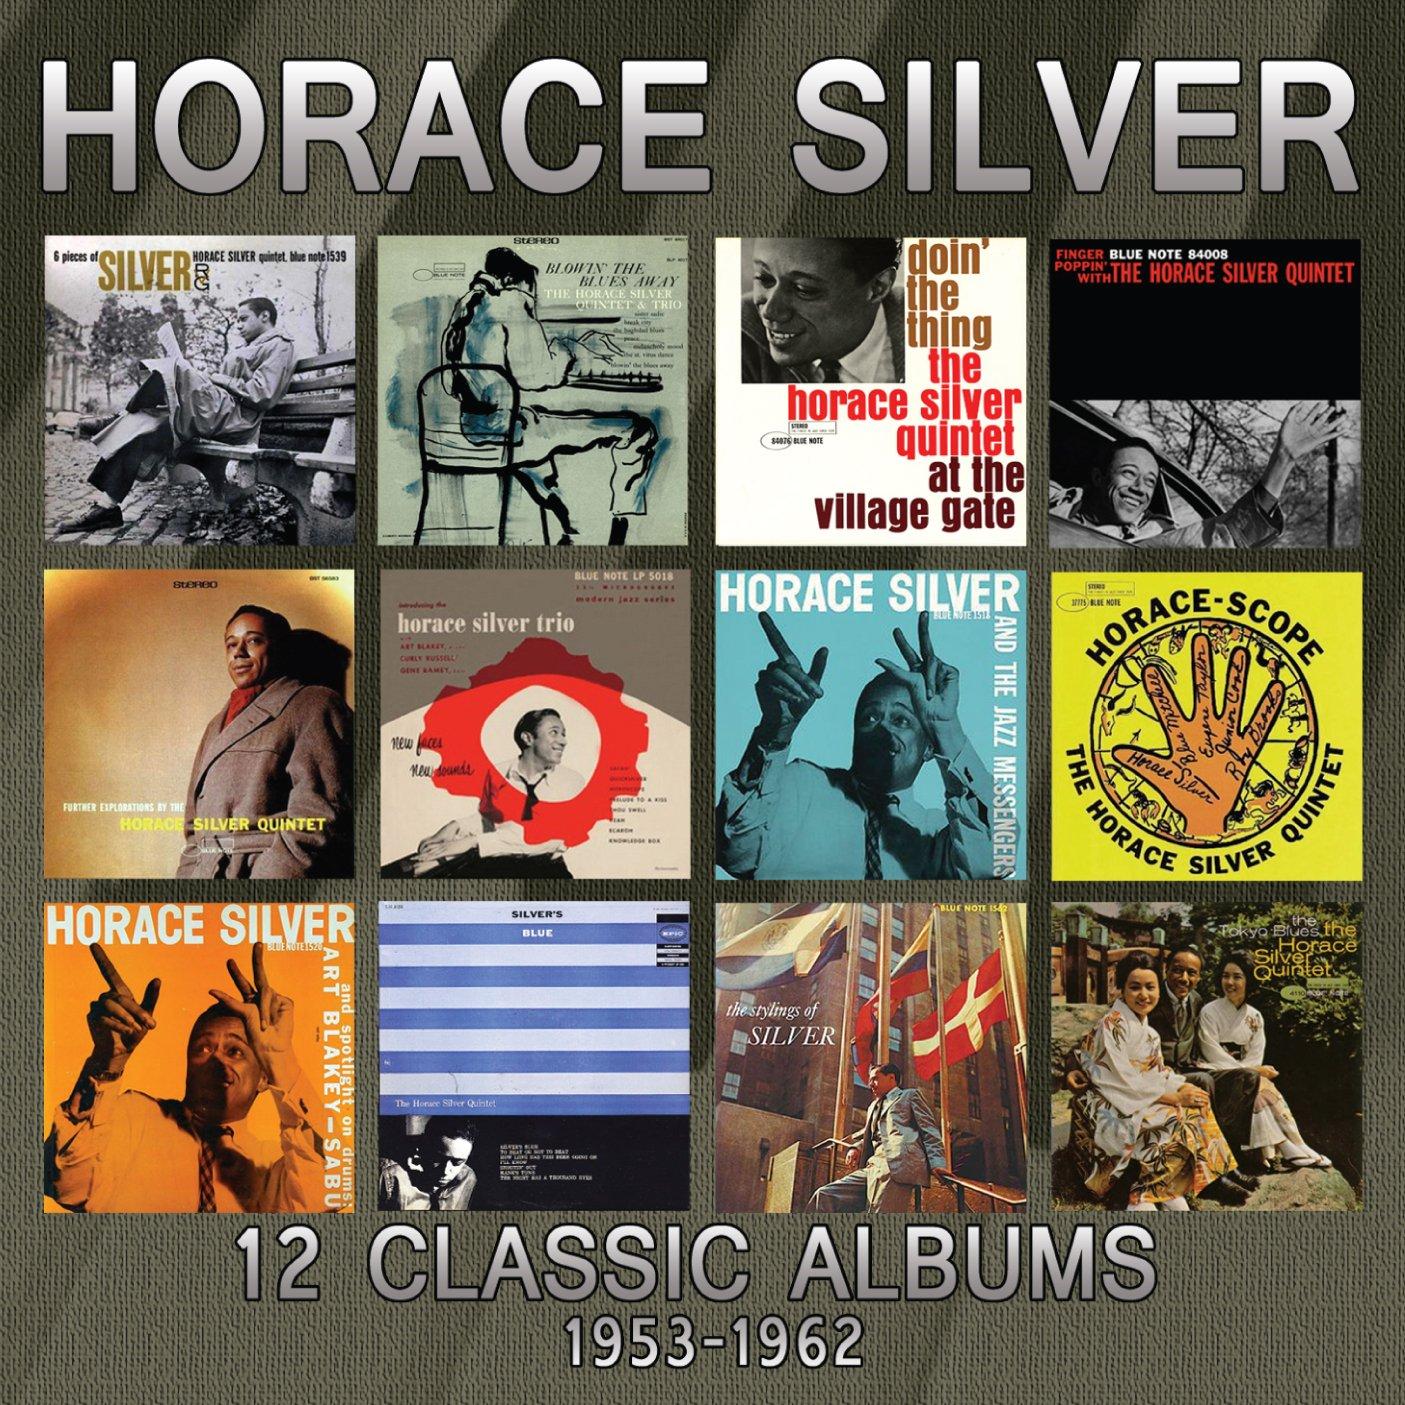 classic album